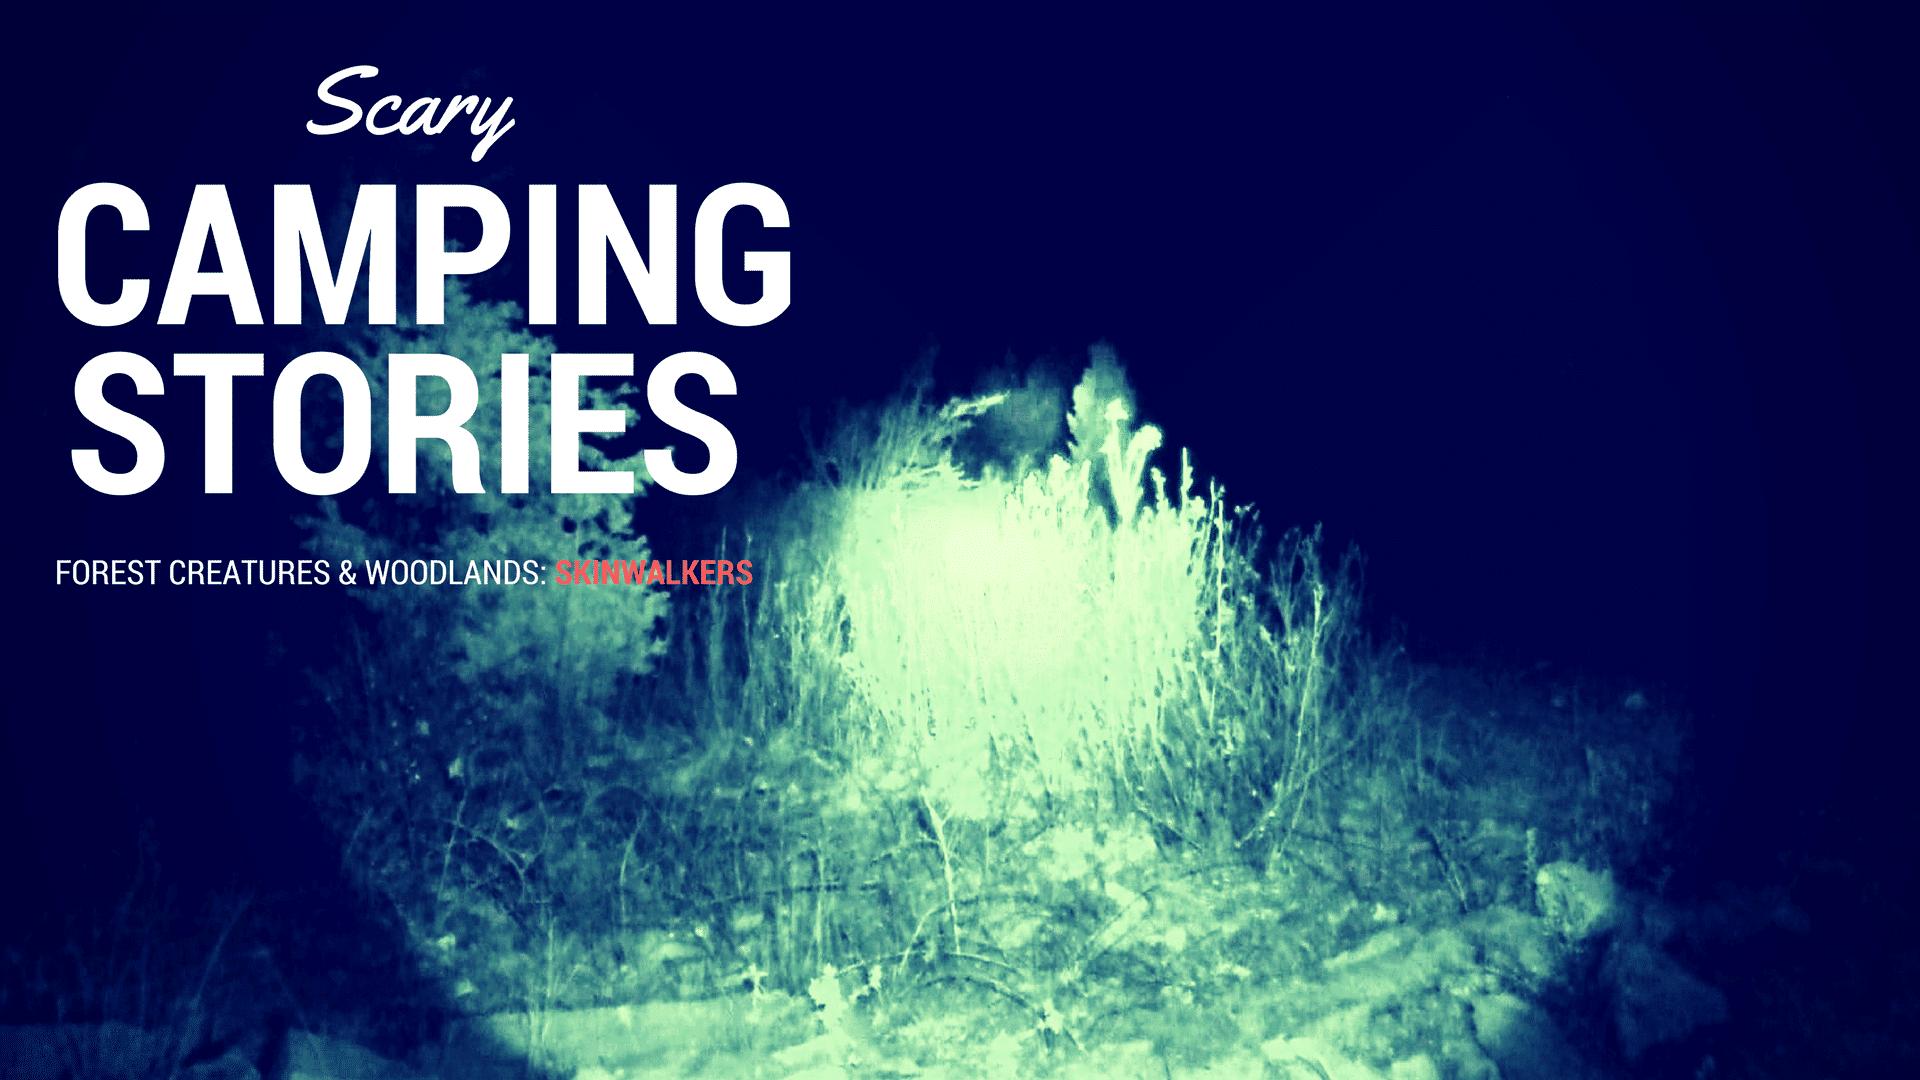 CAMPING STORIES: Skinwalkers